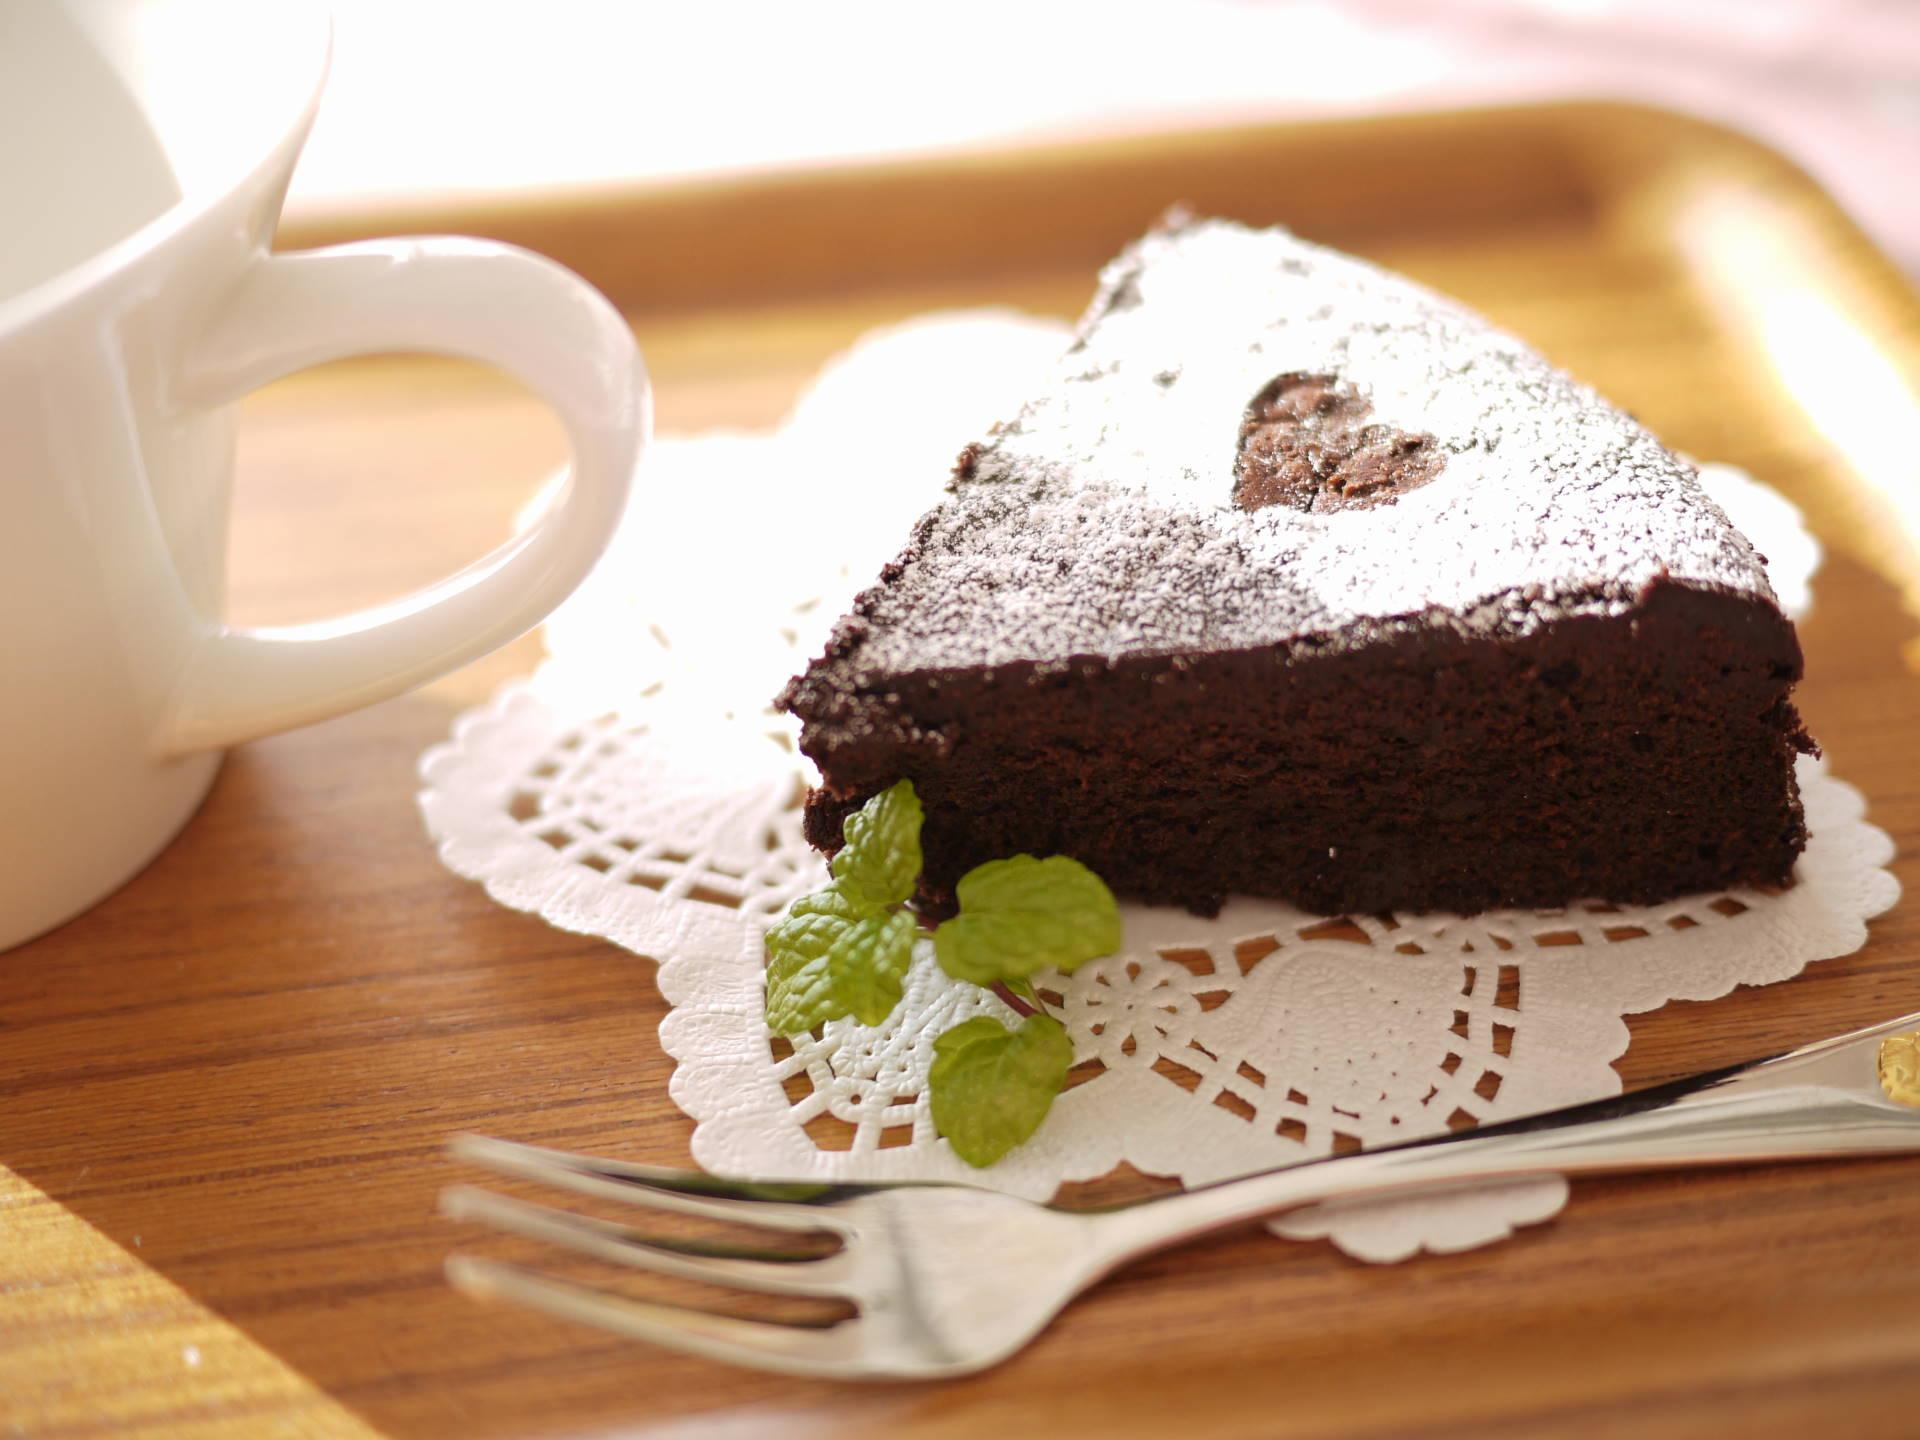 泡立て無し!簡単さ重視で集めたチョコレートケーキレシピ集のサムネイル画像